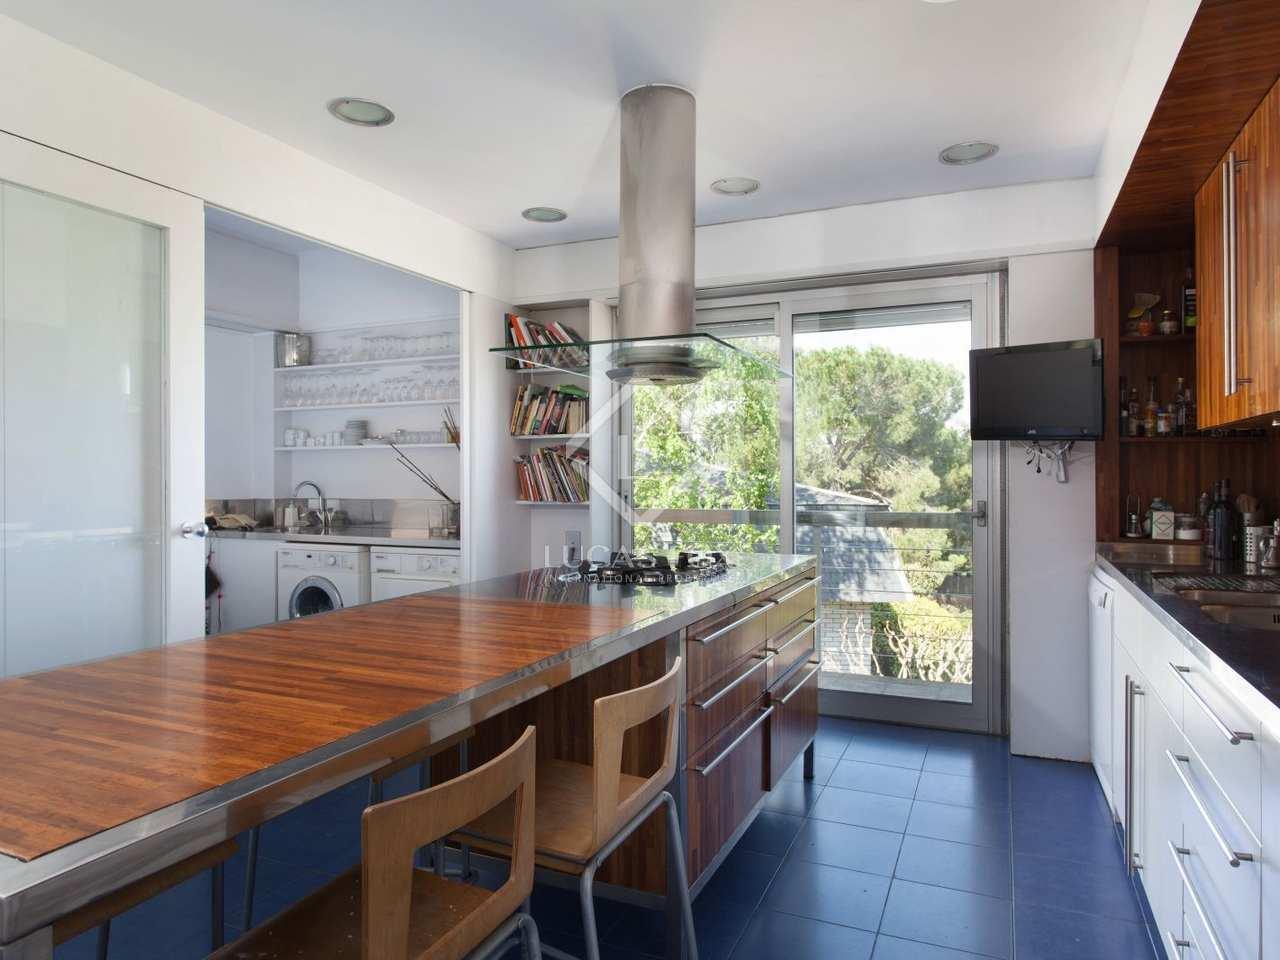 Casa en alquiler en sant cugat golf cerca de la ciudad de for Alquiler casa jardin barcelona